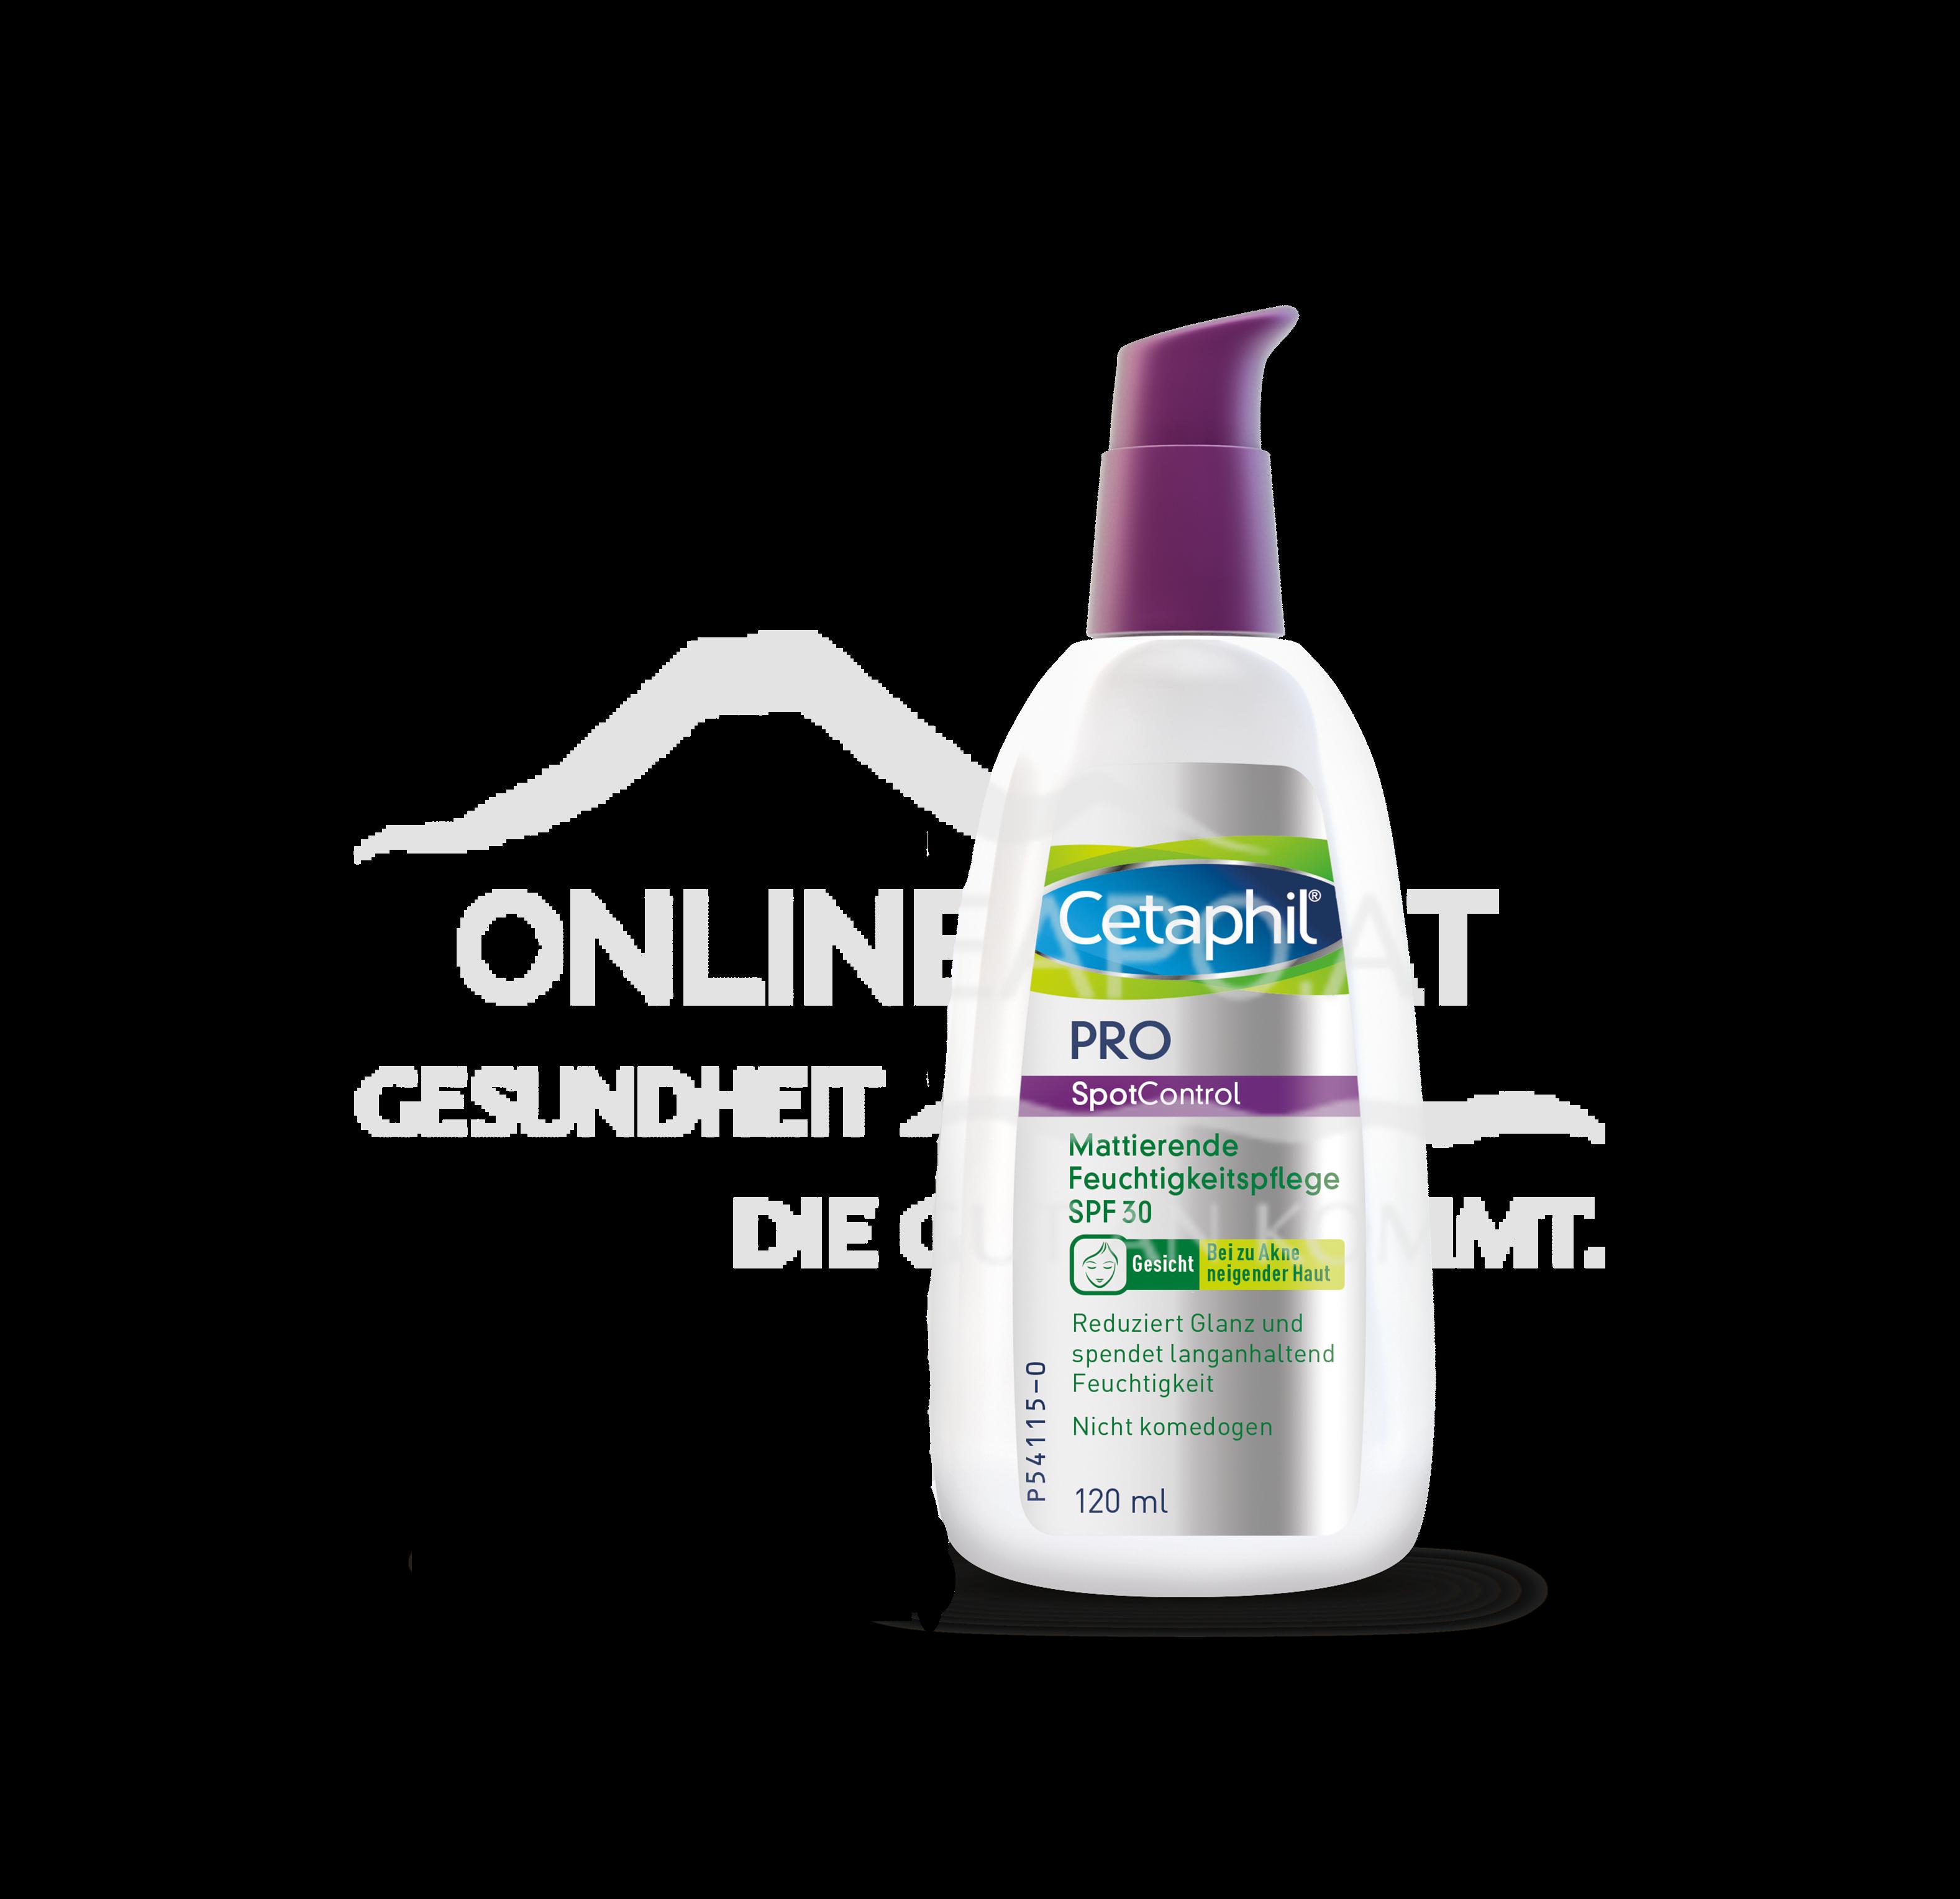 Cetaphil® PRO SpotControl Mattierende Feuchtigkeitspflege SPF30